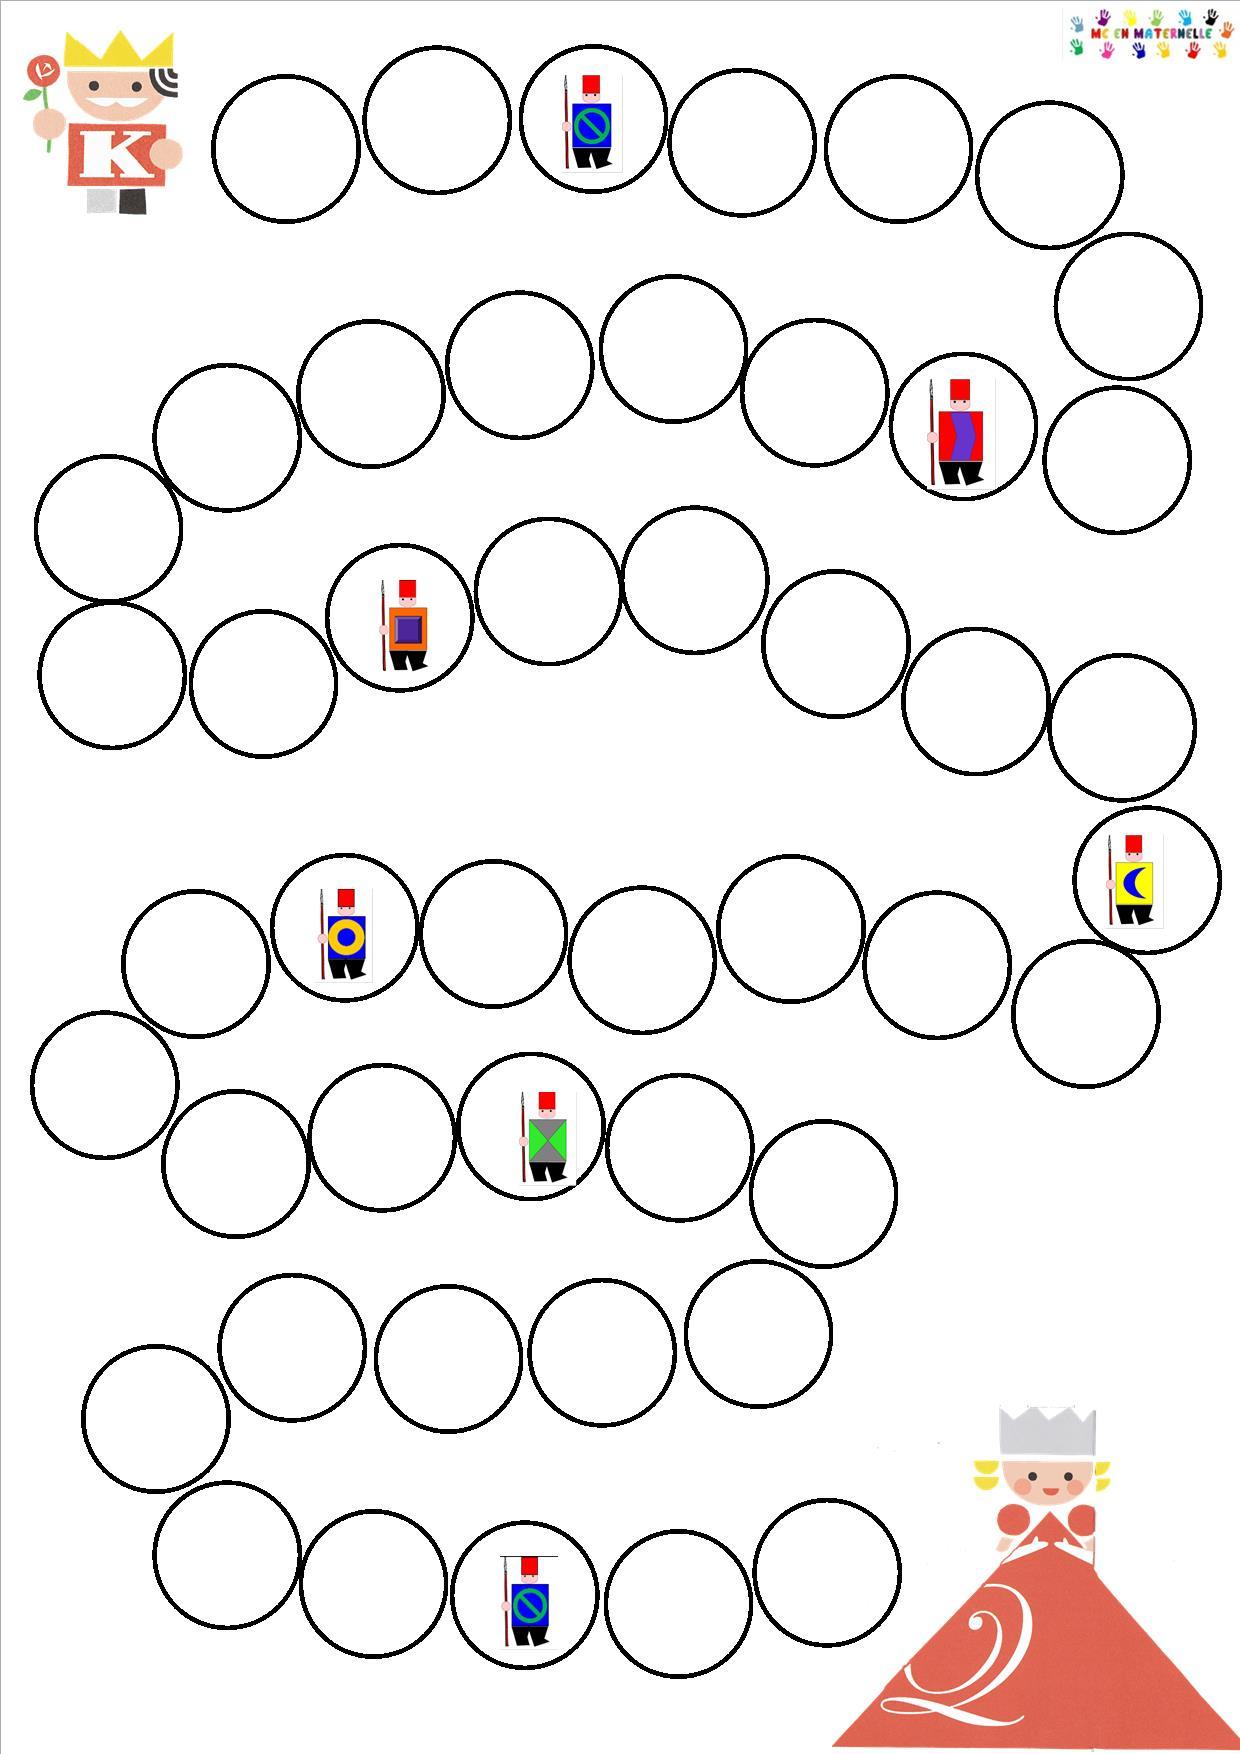 Le Tout Petit Roi : Jeu Mathématiques – Mc En Maternelle dedans Jeux De Matematique